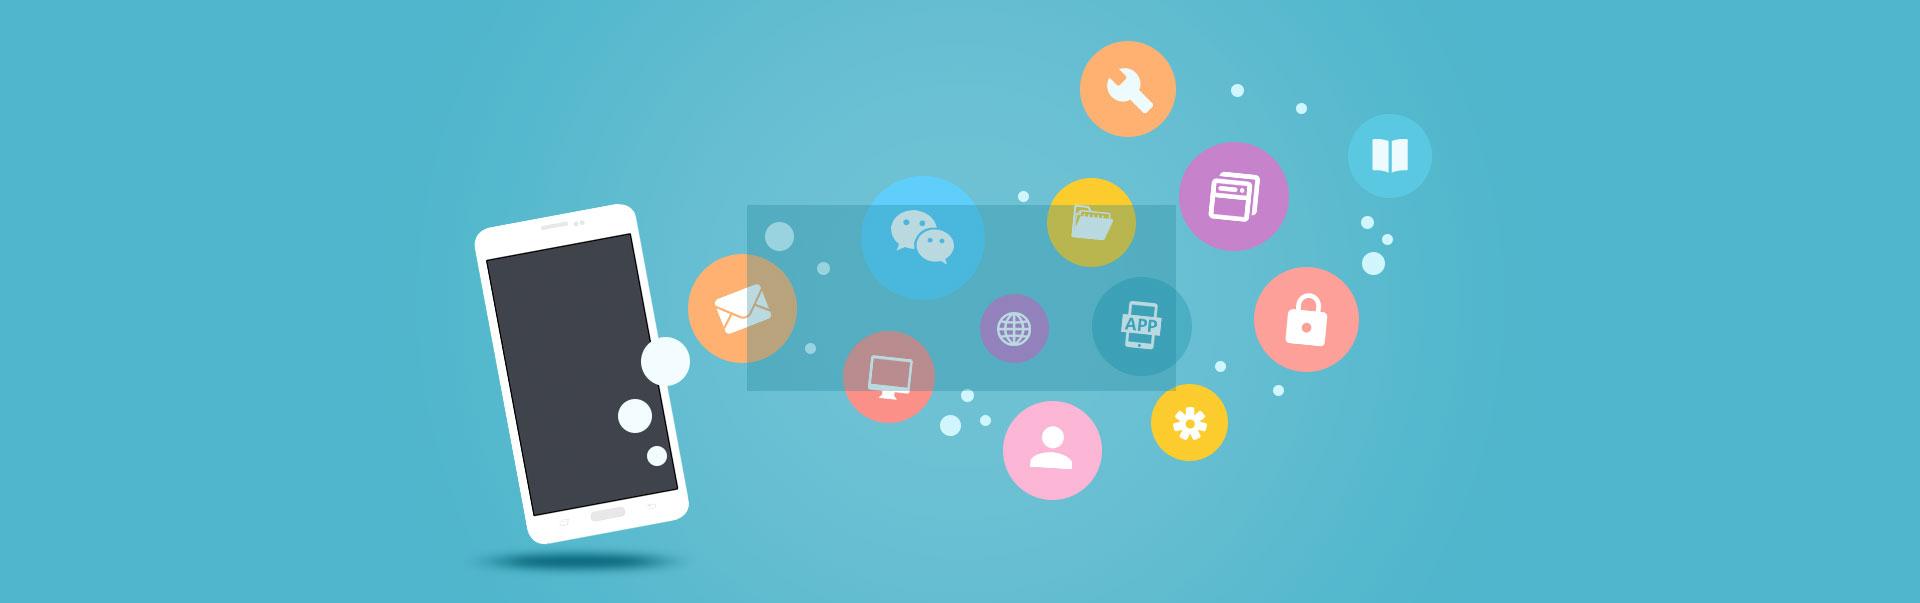 APP、微信、WEB在线客服<br/>移动互联网应用开发